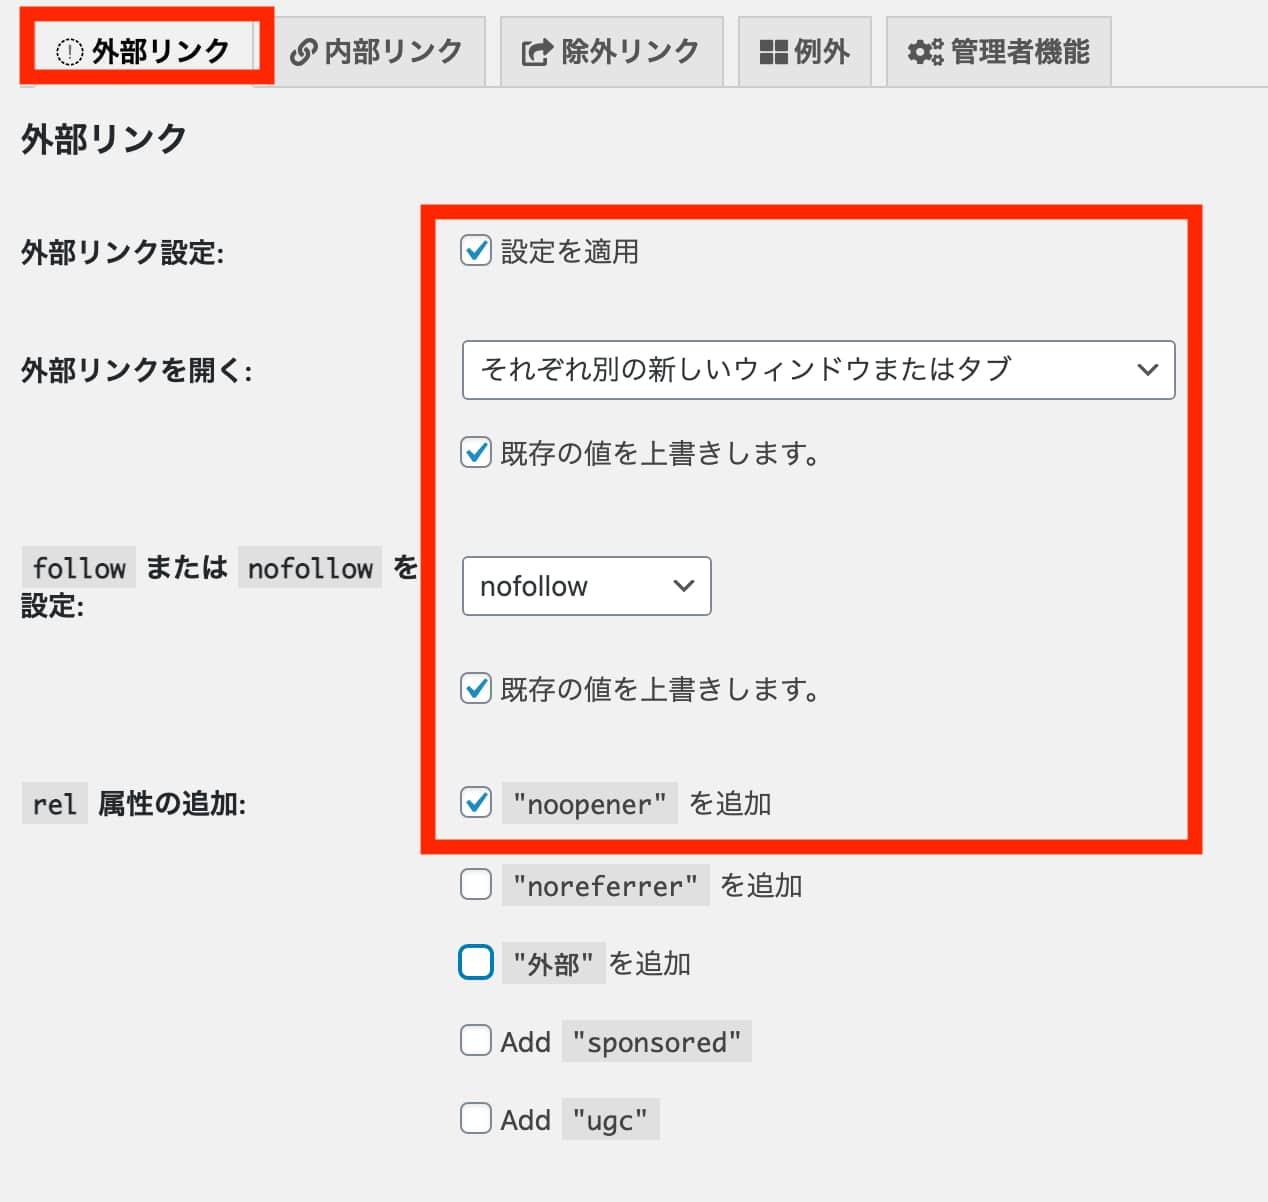 リンクの矢印プラグイン「WP External Links」の設定方法